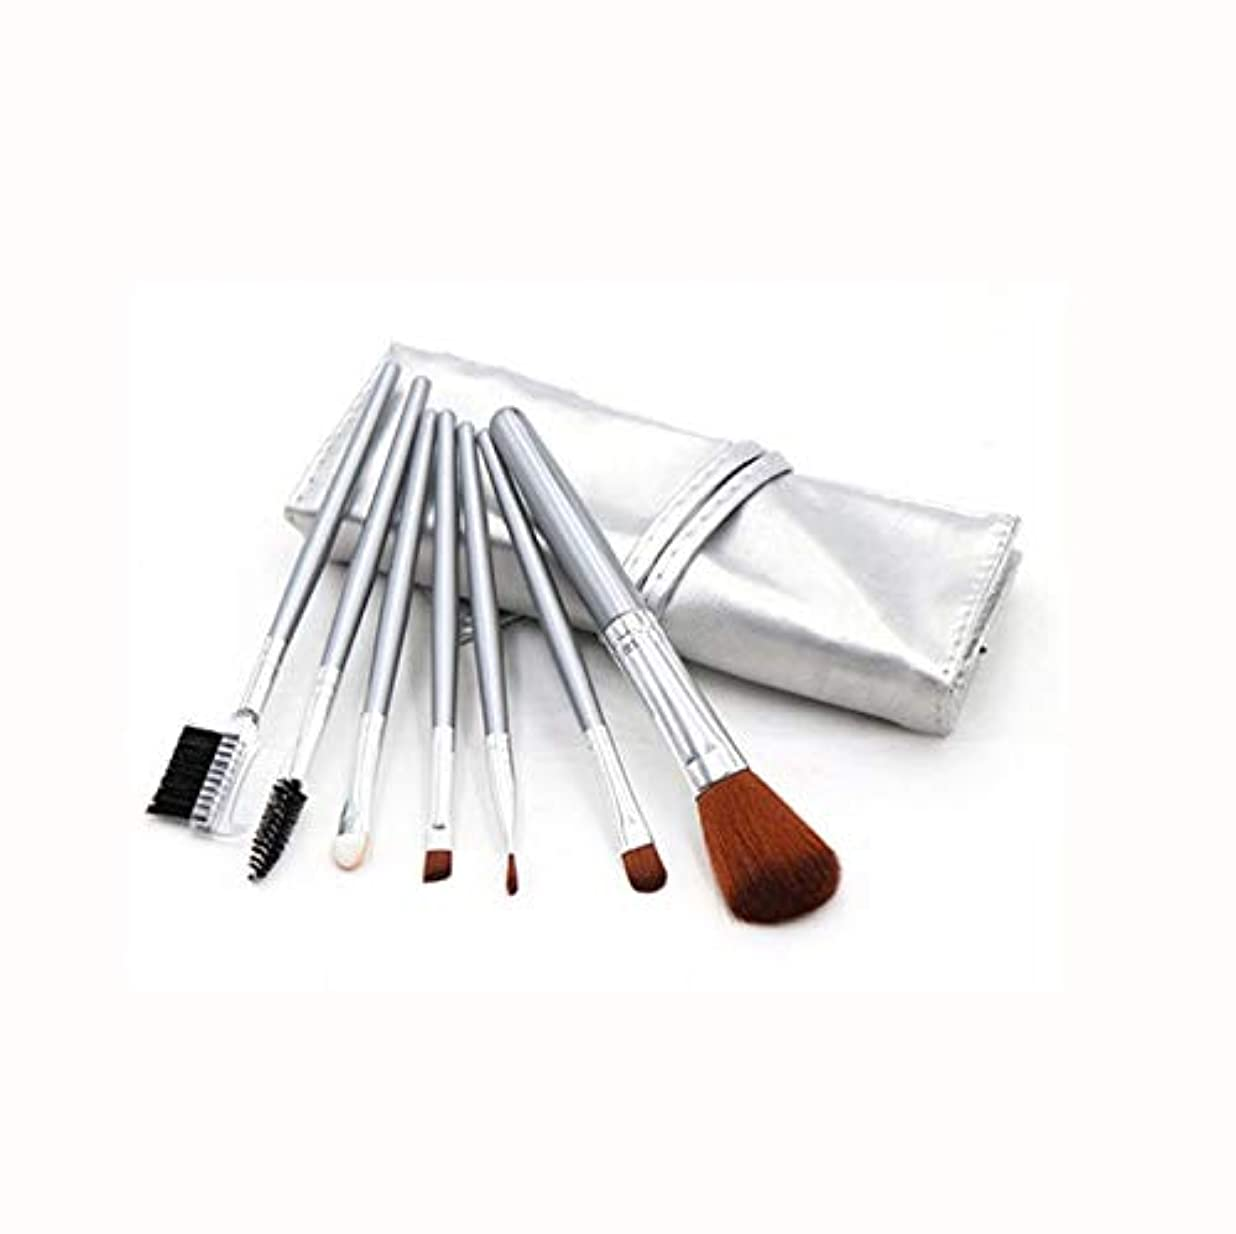 によって配分お気に入り化粧ブラシセット、シルバー7化粧ブラシ化粧ブラシセットアイシャドウブラシリップブラシ美容化粧道具